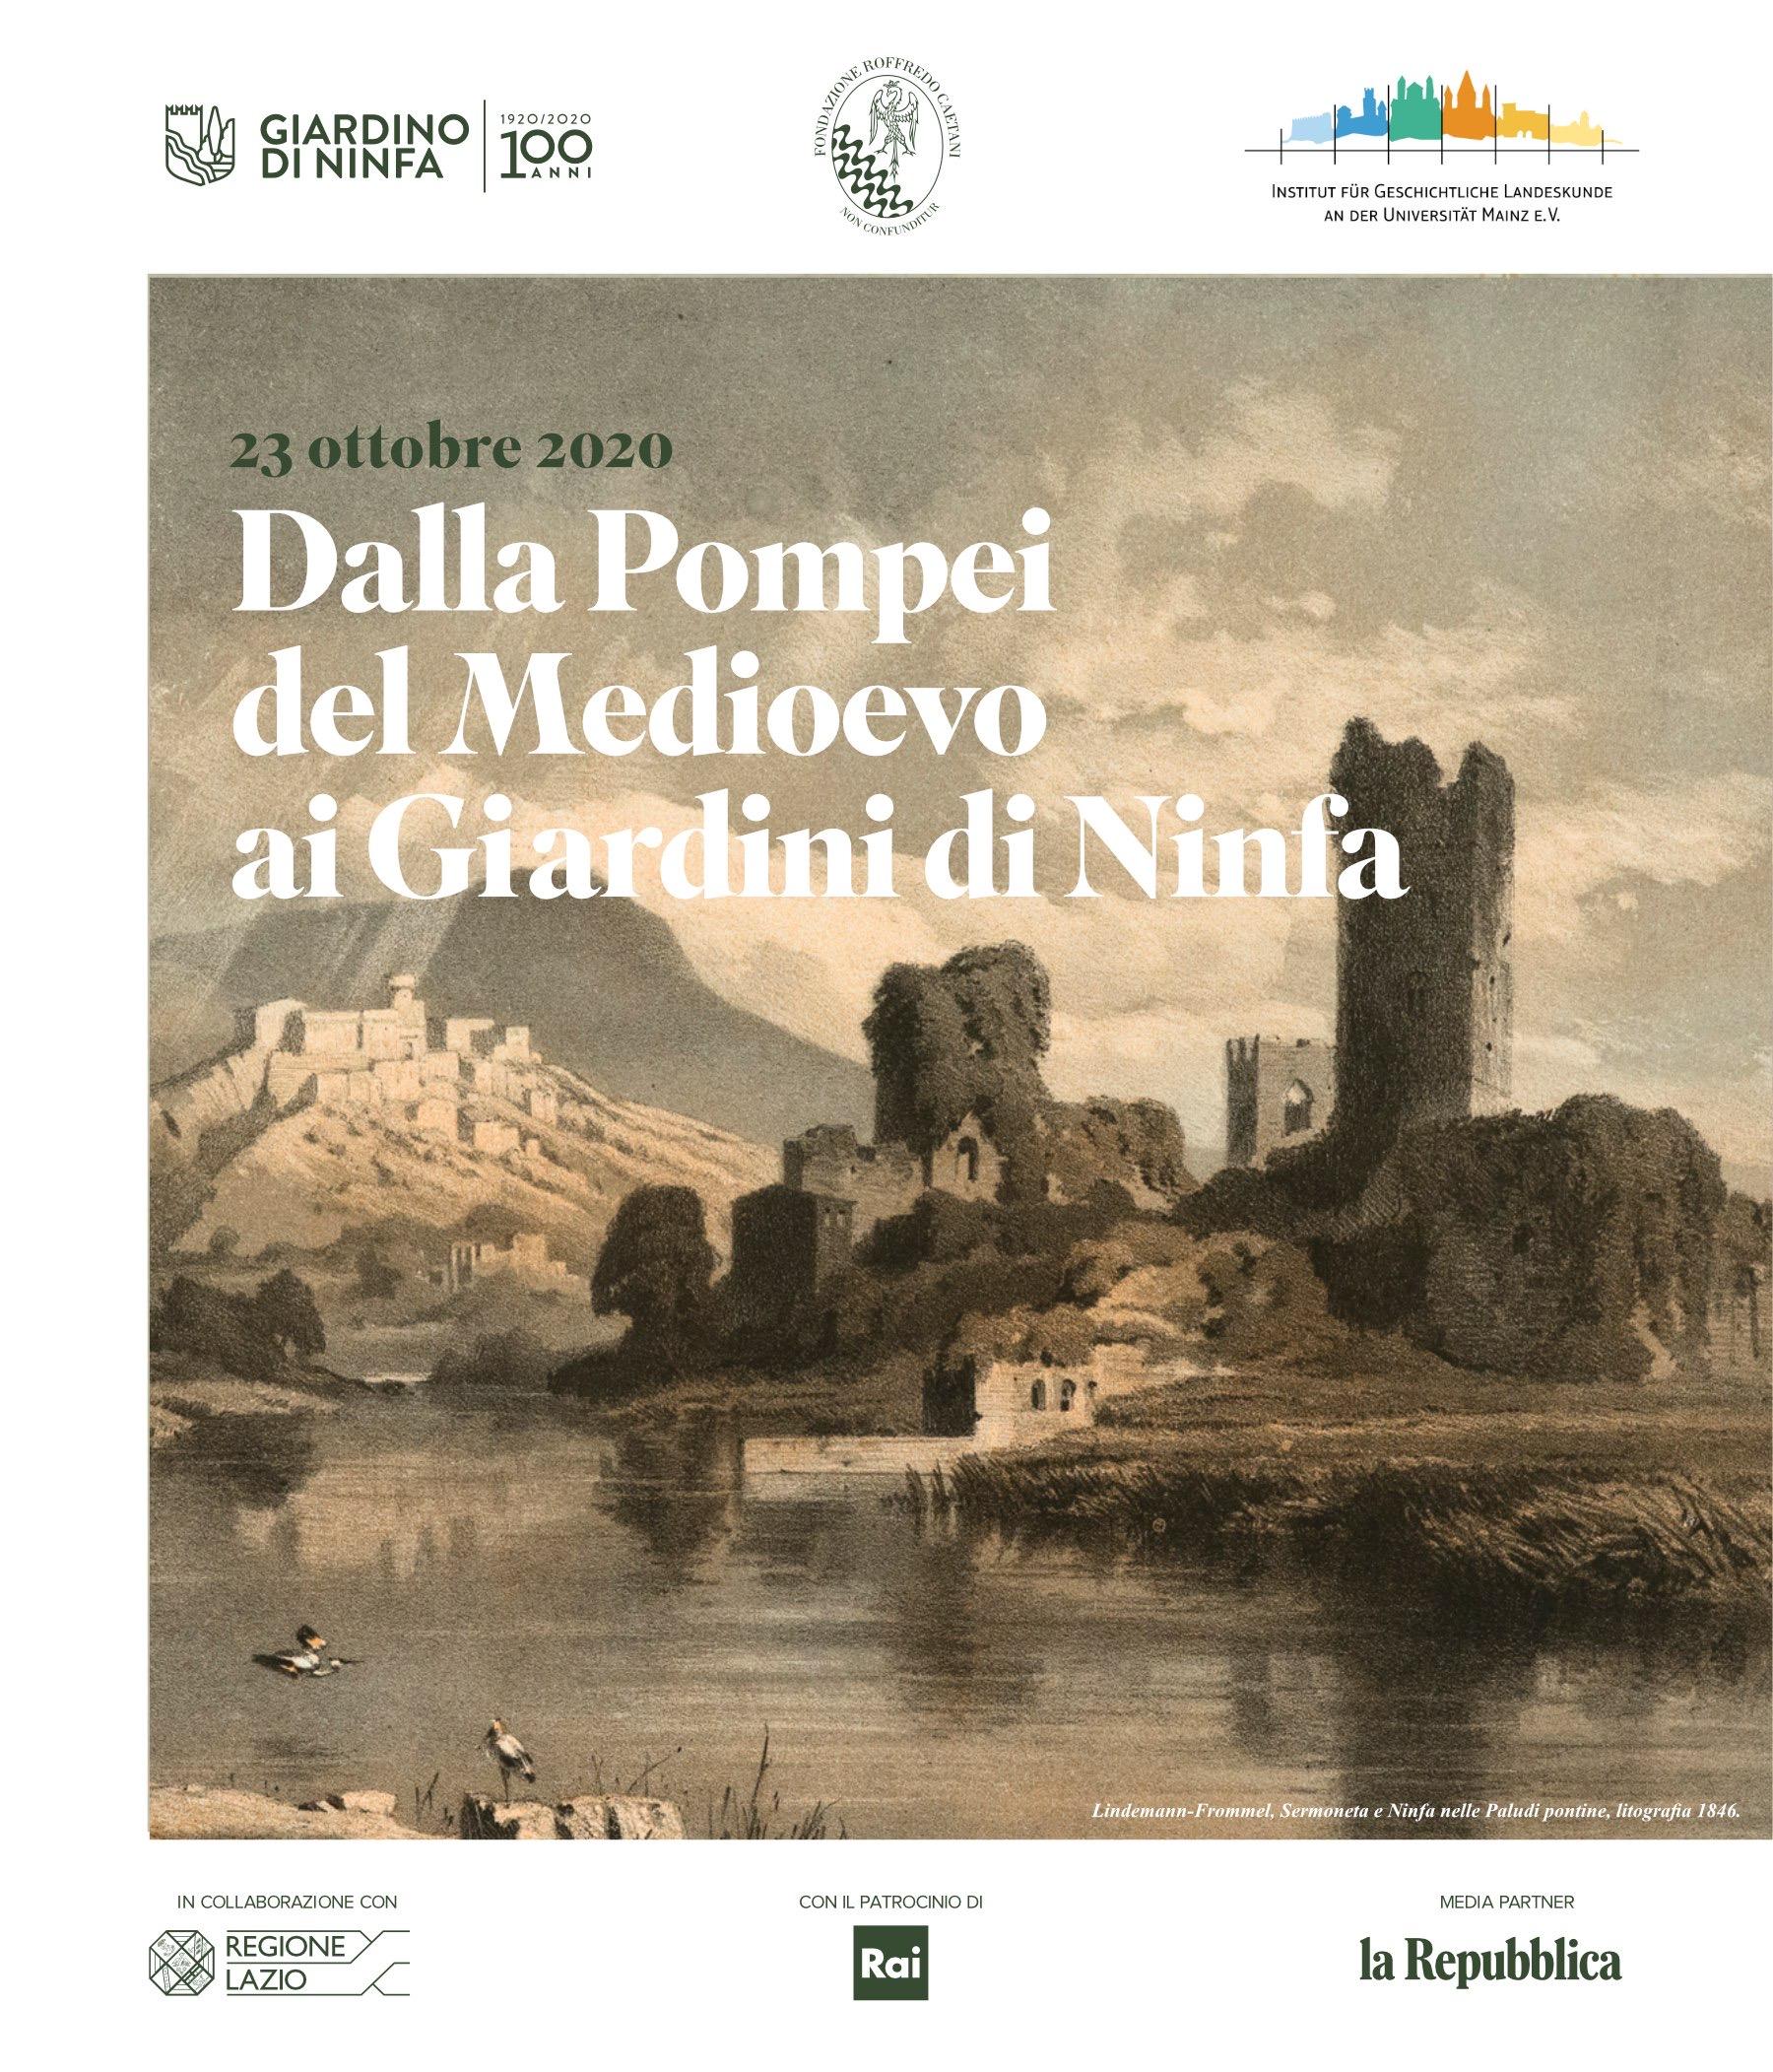 Dalla Pompei del medioevo ai Giardini di Ninfa – video